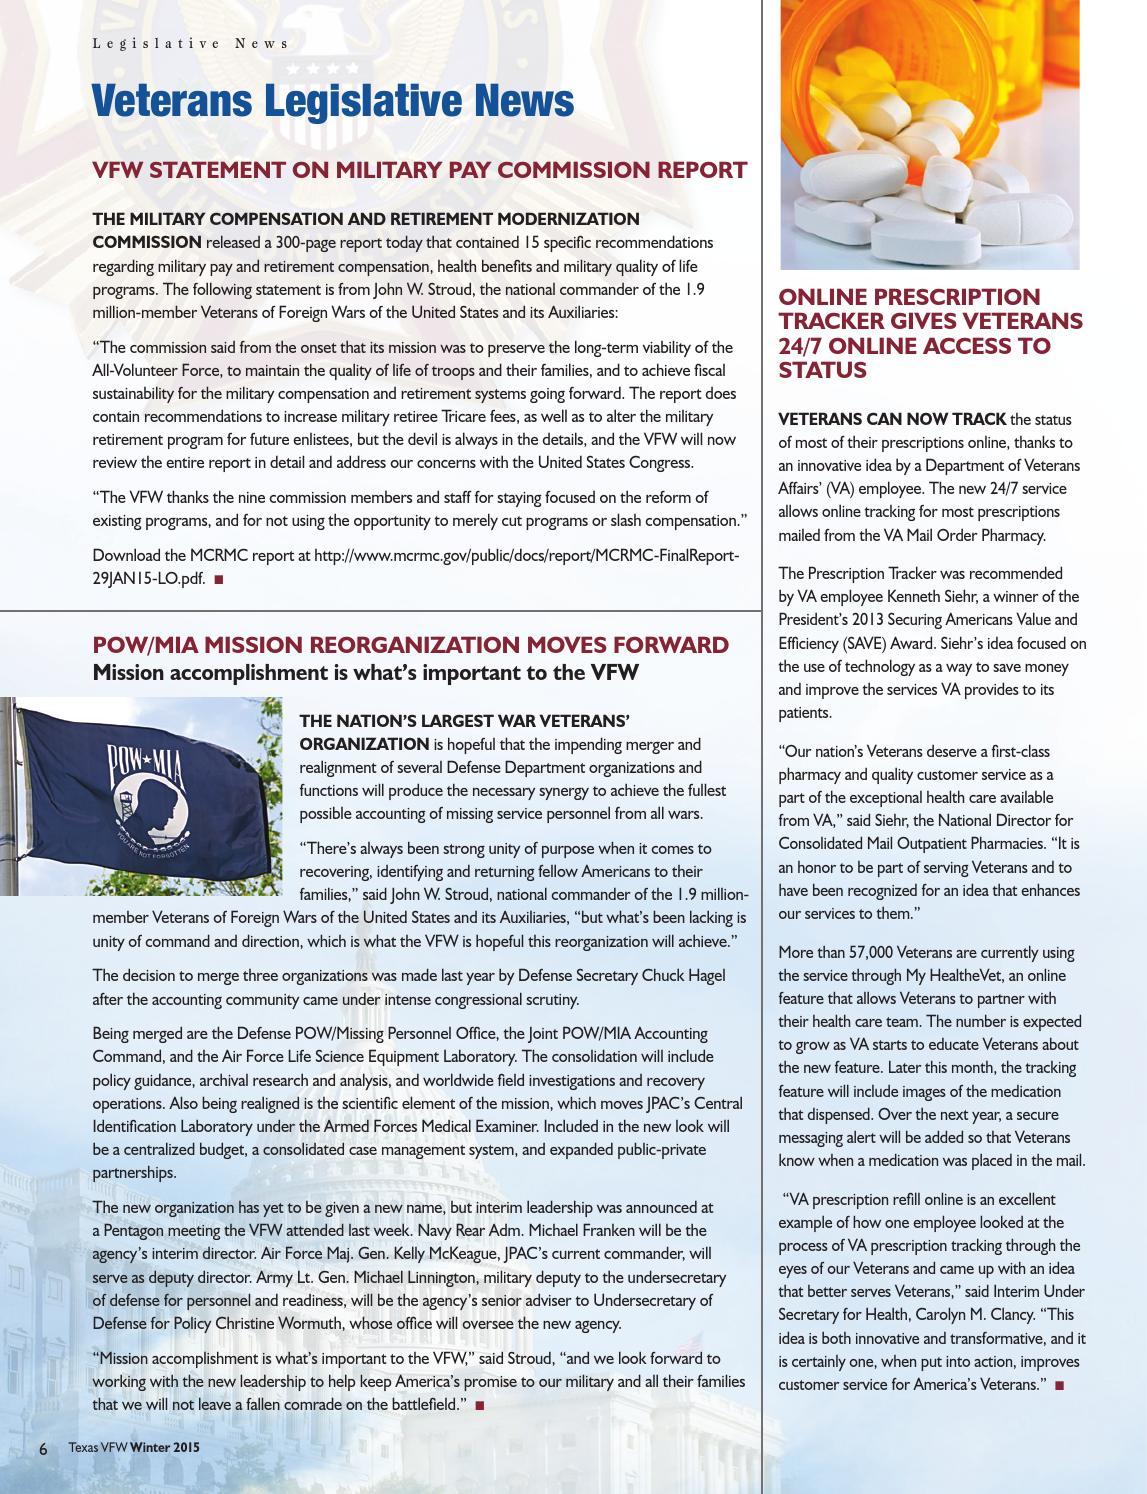 2015 texas vfw winter news issuu by MediaNation - issuu